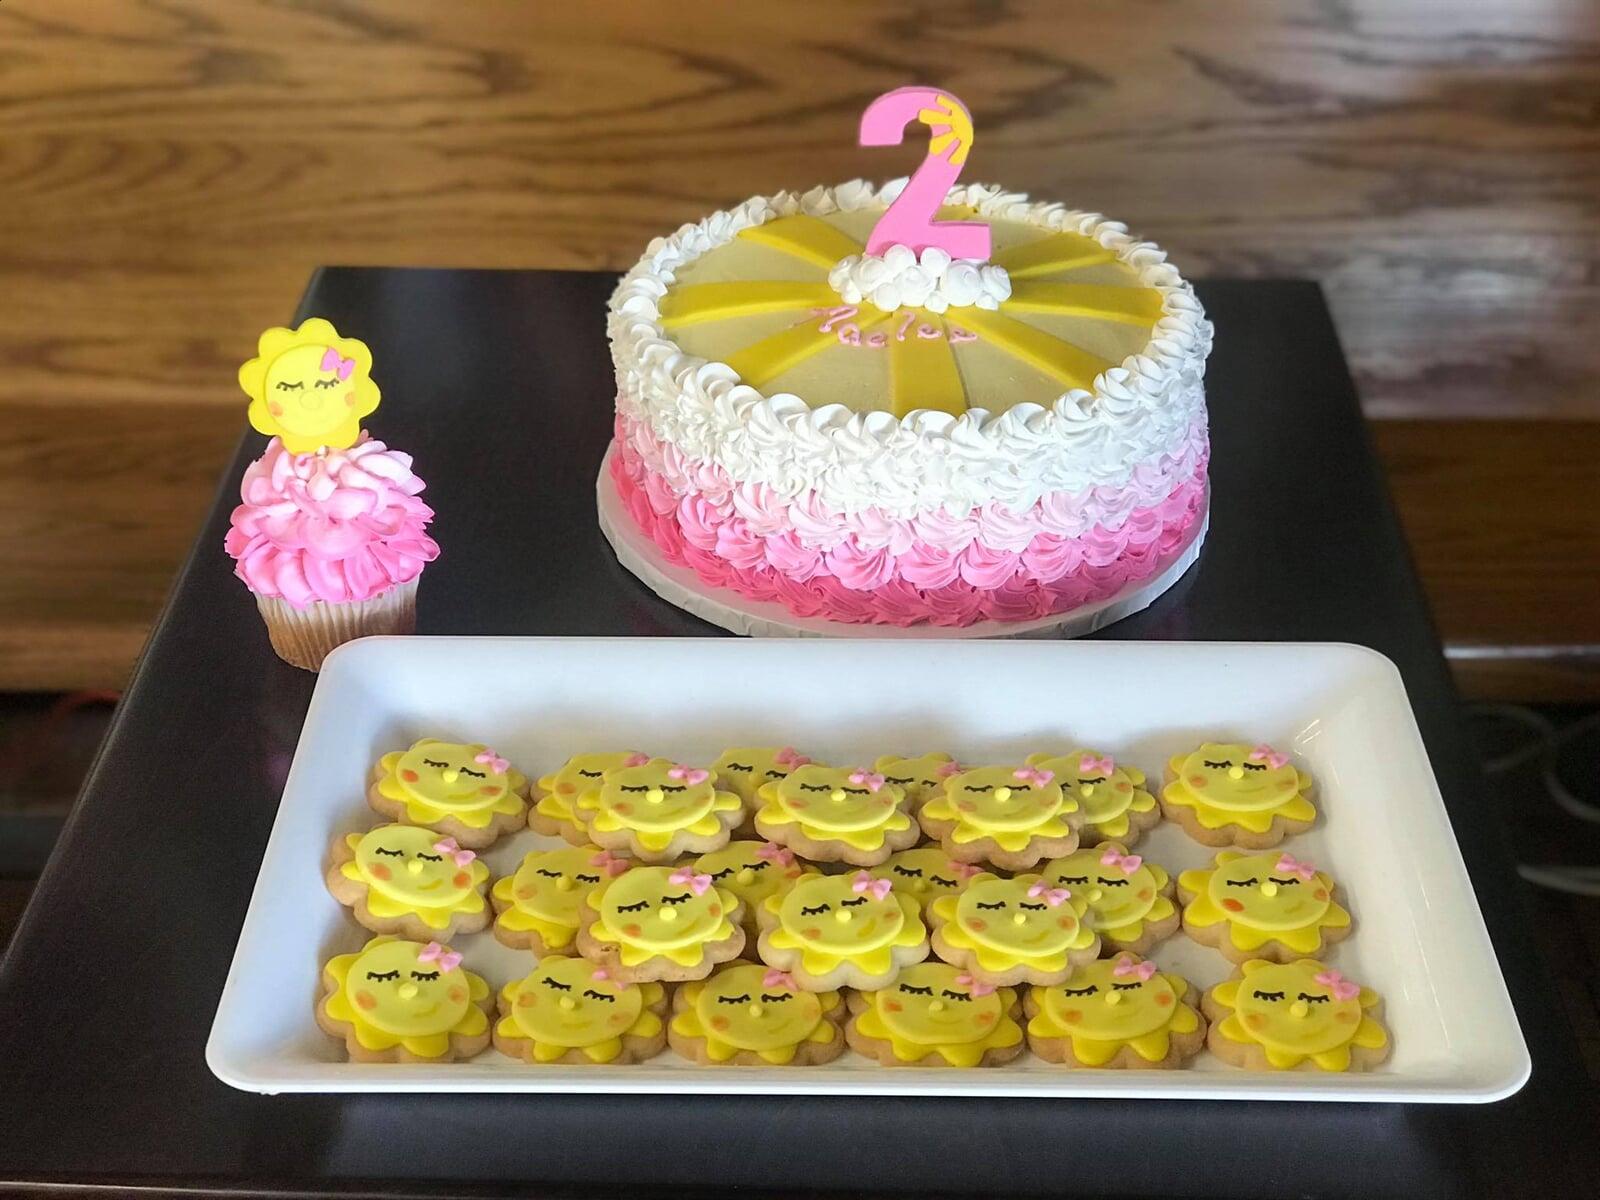 Birthday Cake, Cupcake & matching cookies